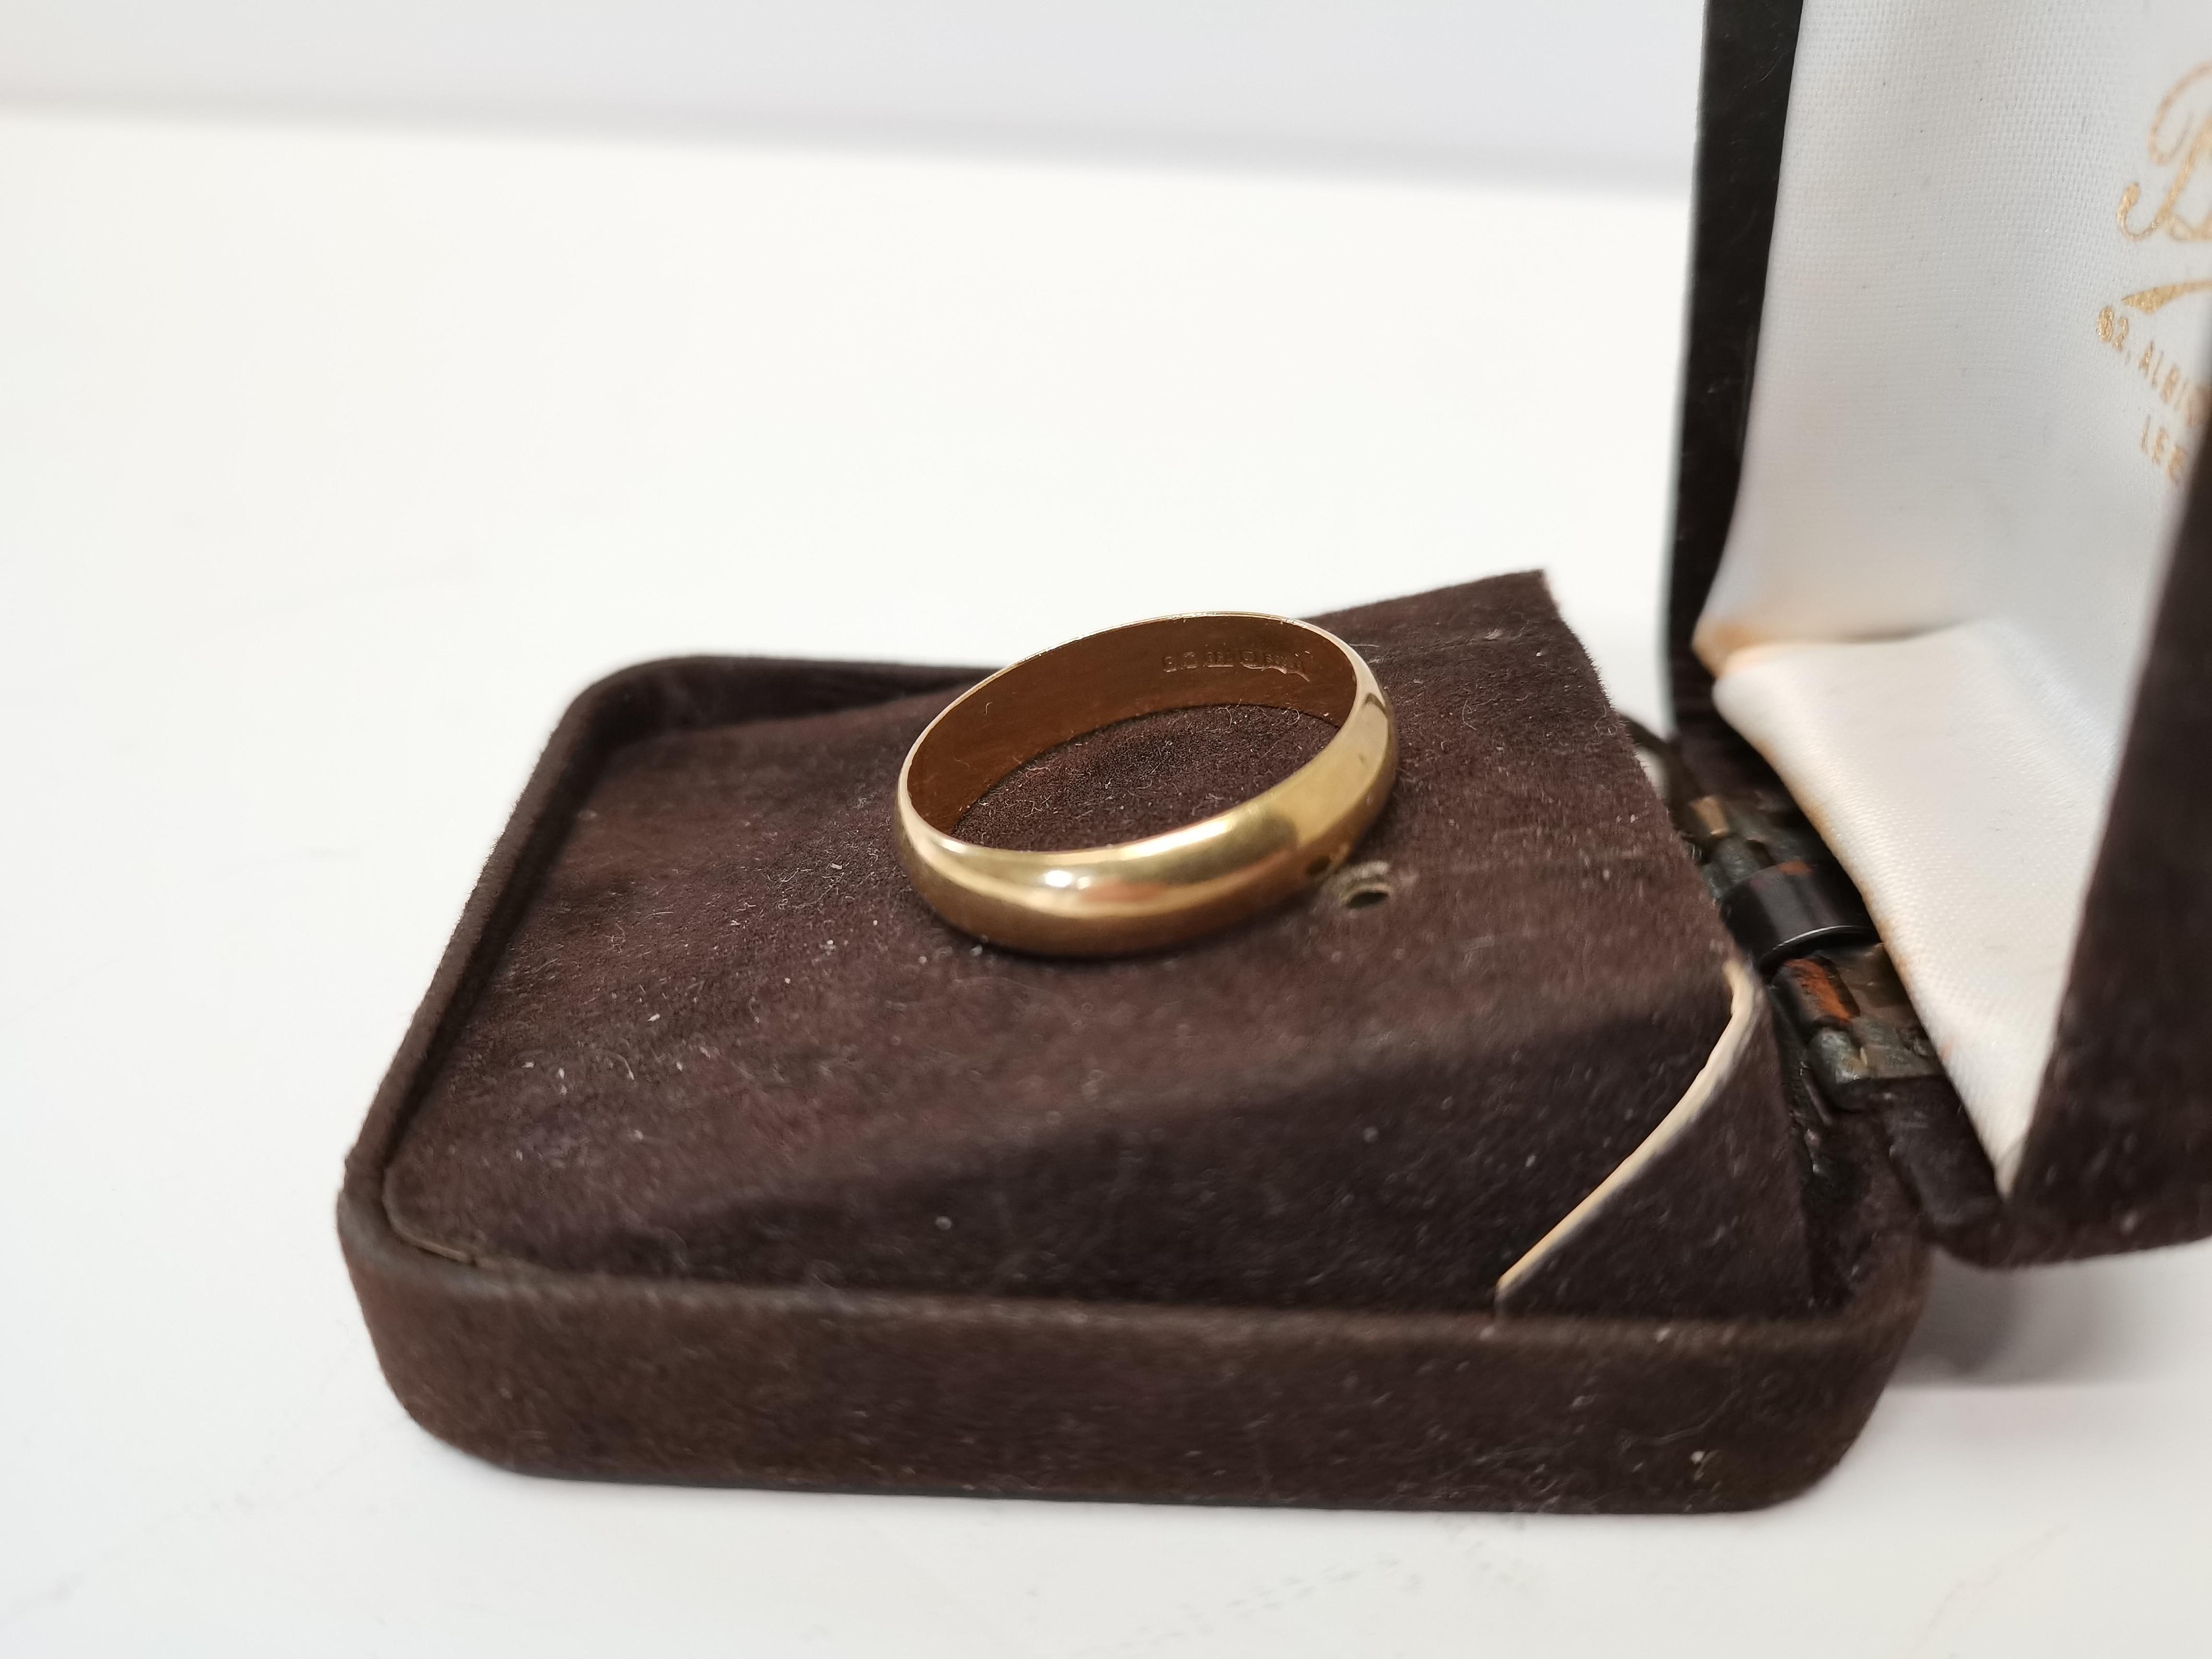 18k gold 5g wedding band - Image 2 of 2